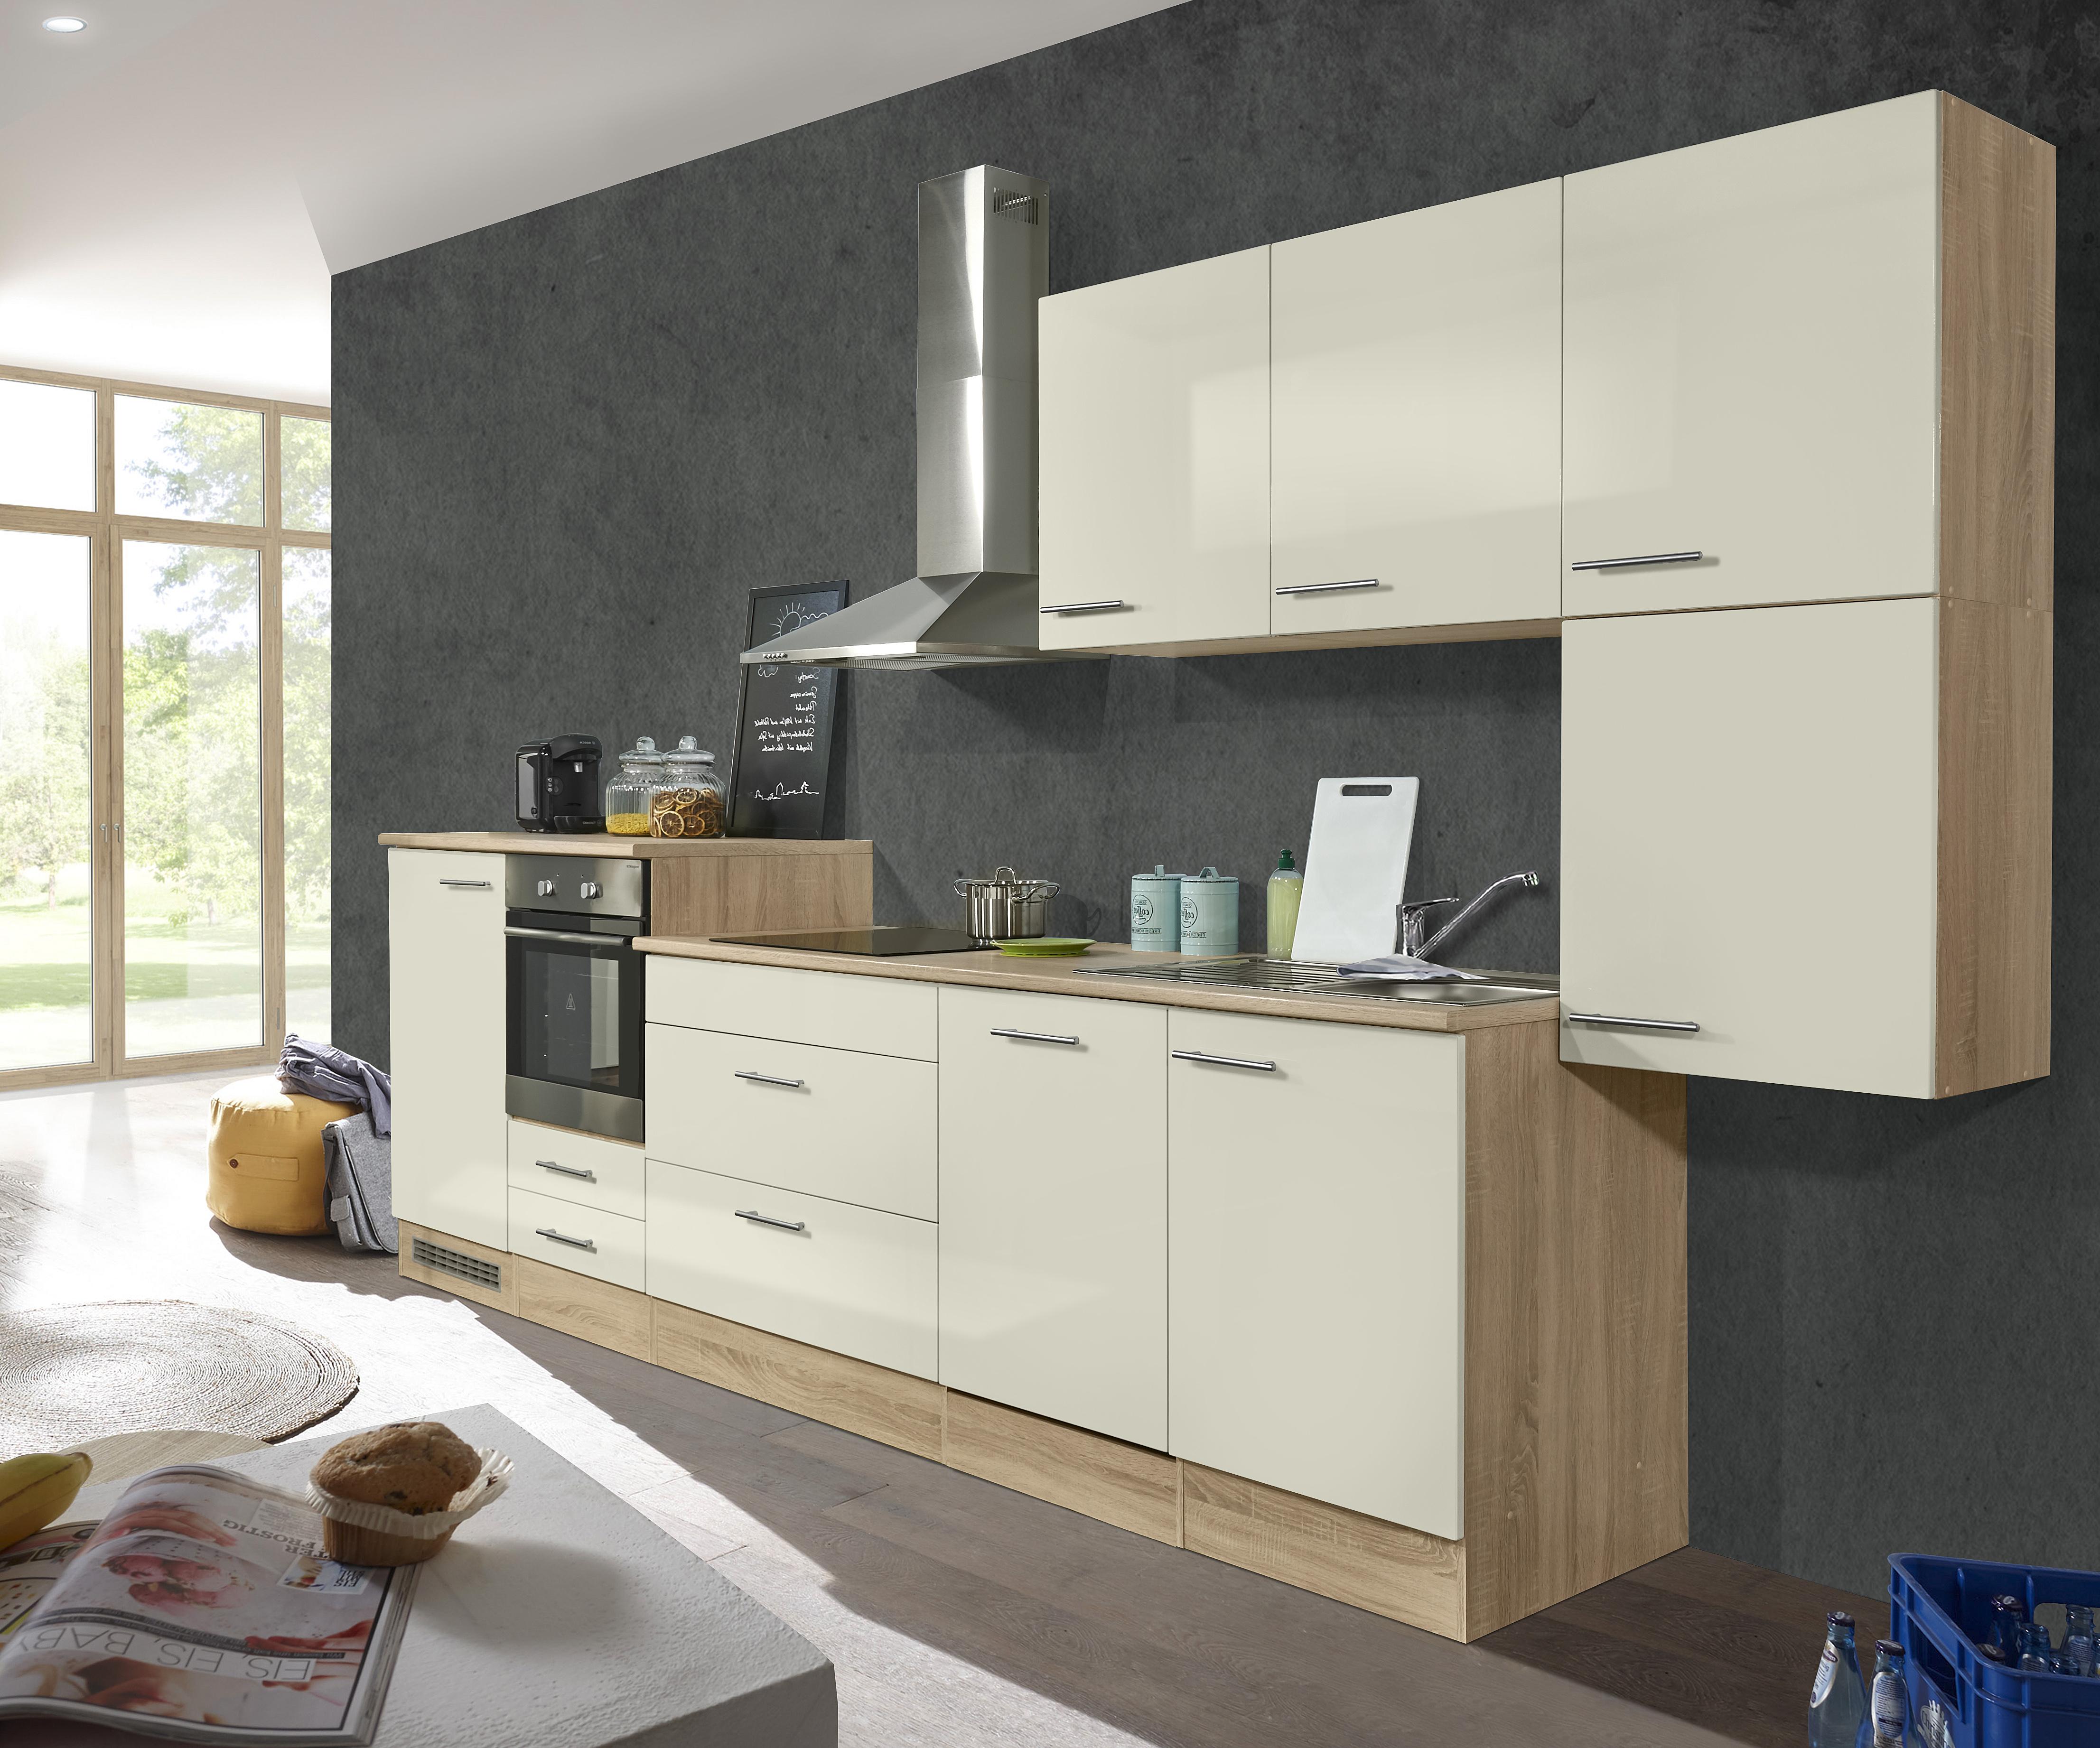 Palin Küchenzeile Küchenblock Anthrazit Magnolia Küche